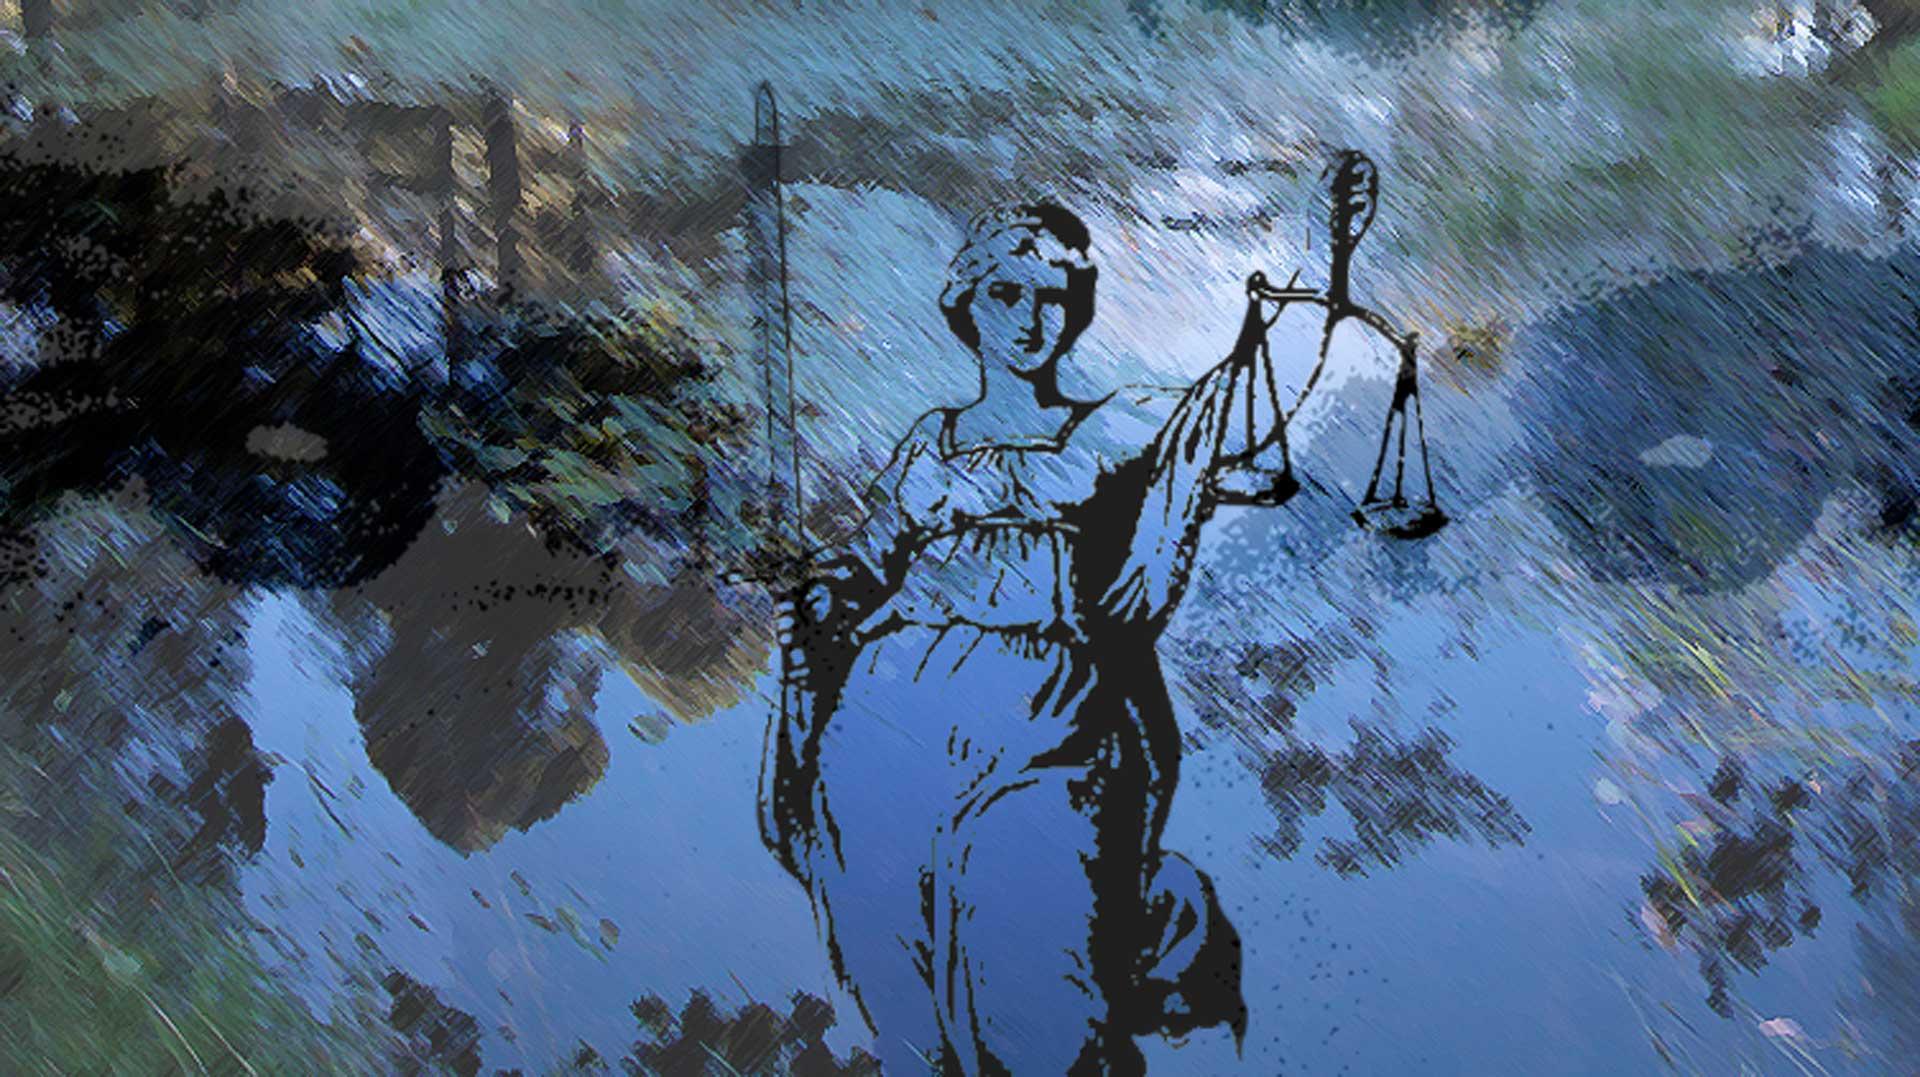 justicia_maldonado_portyap_02